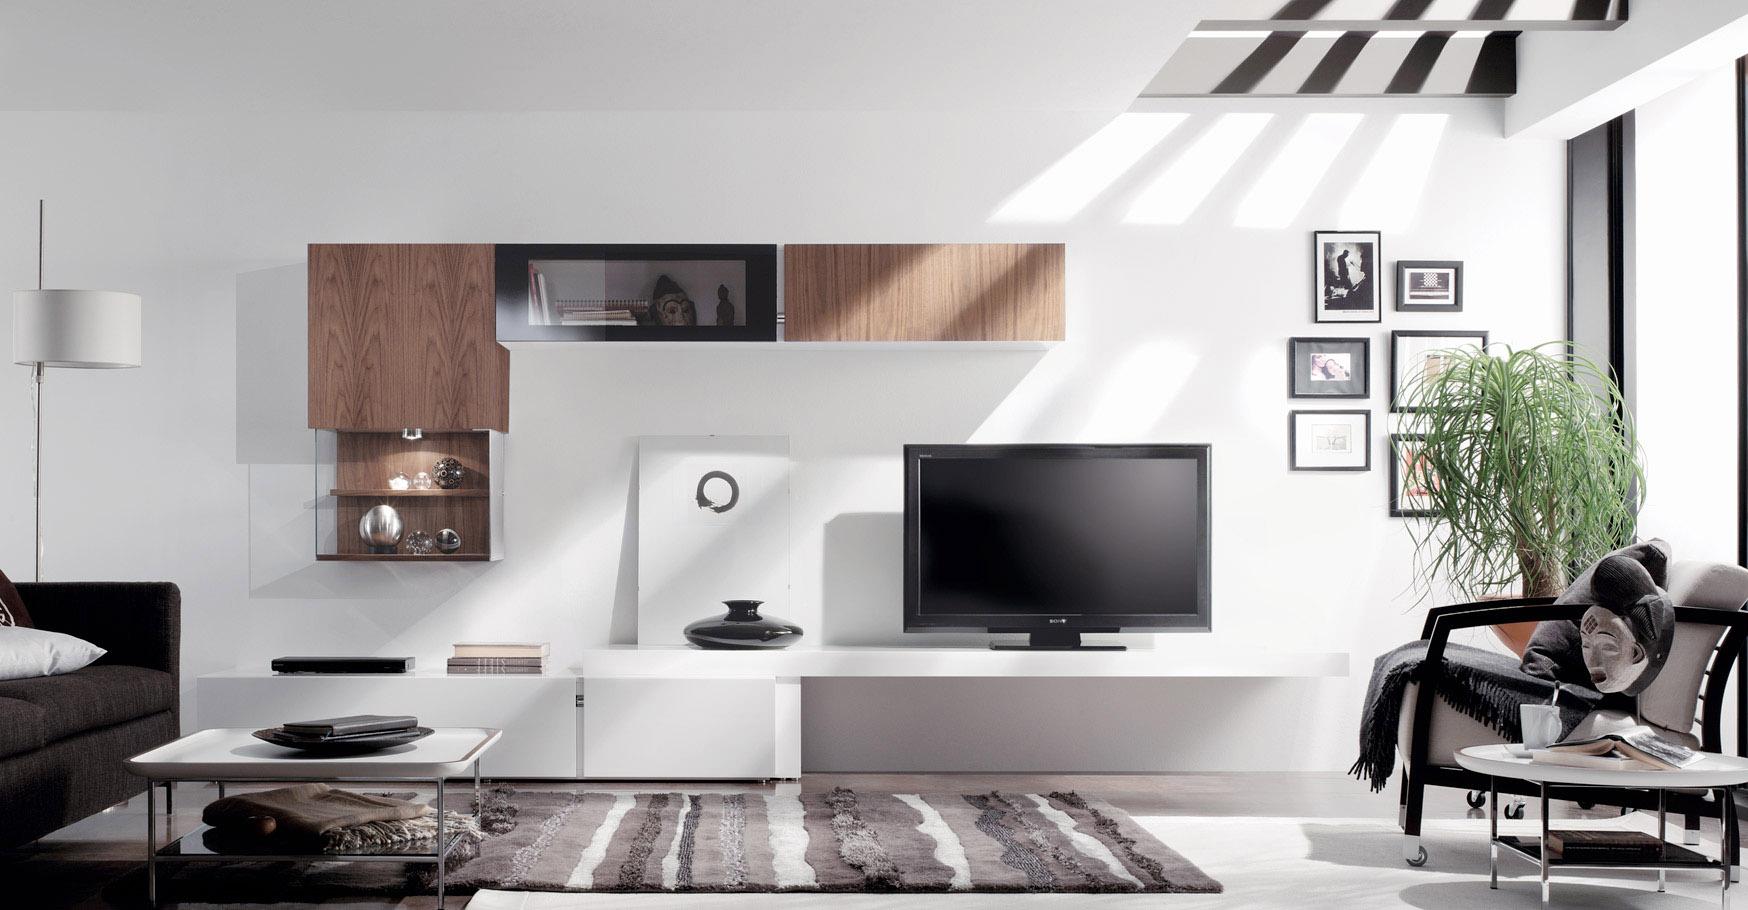 salones de estilo moderno (19)